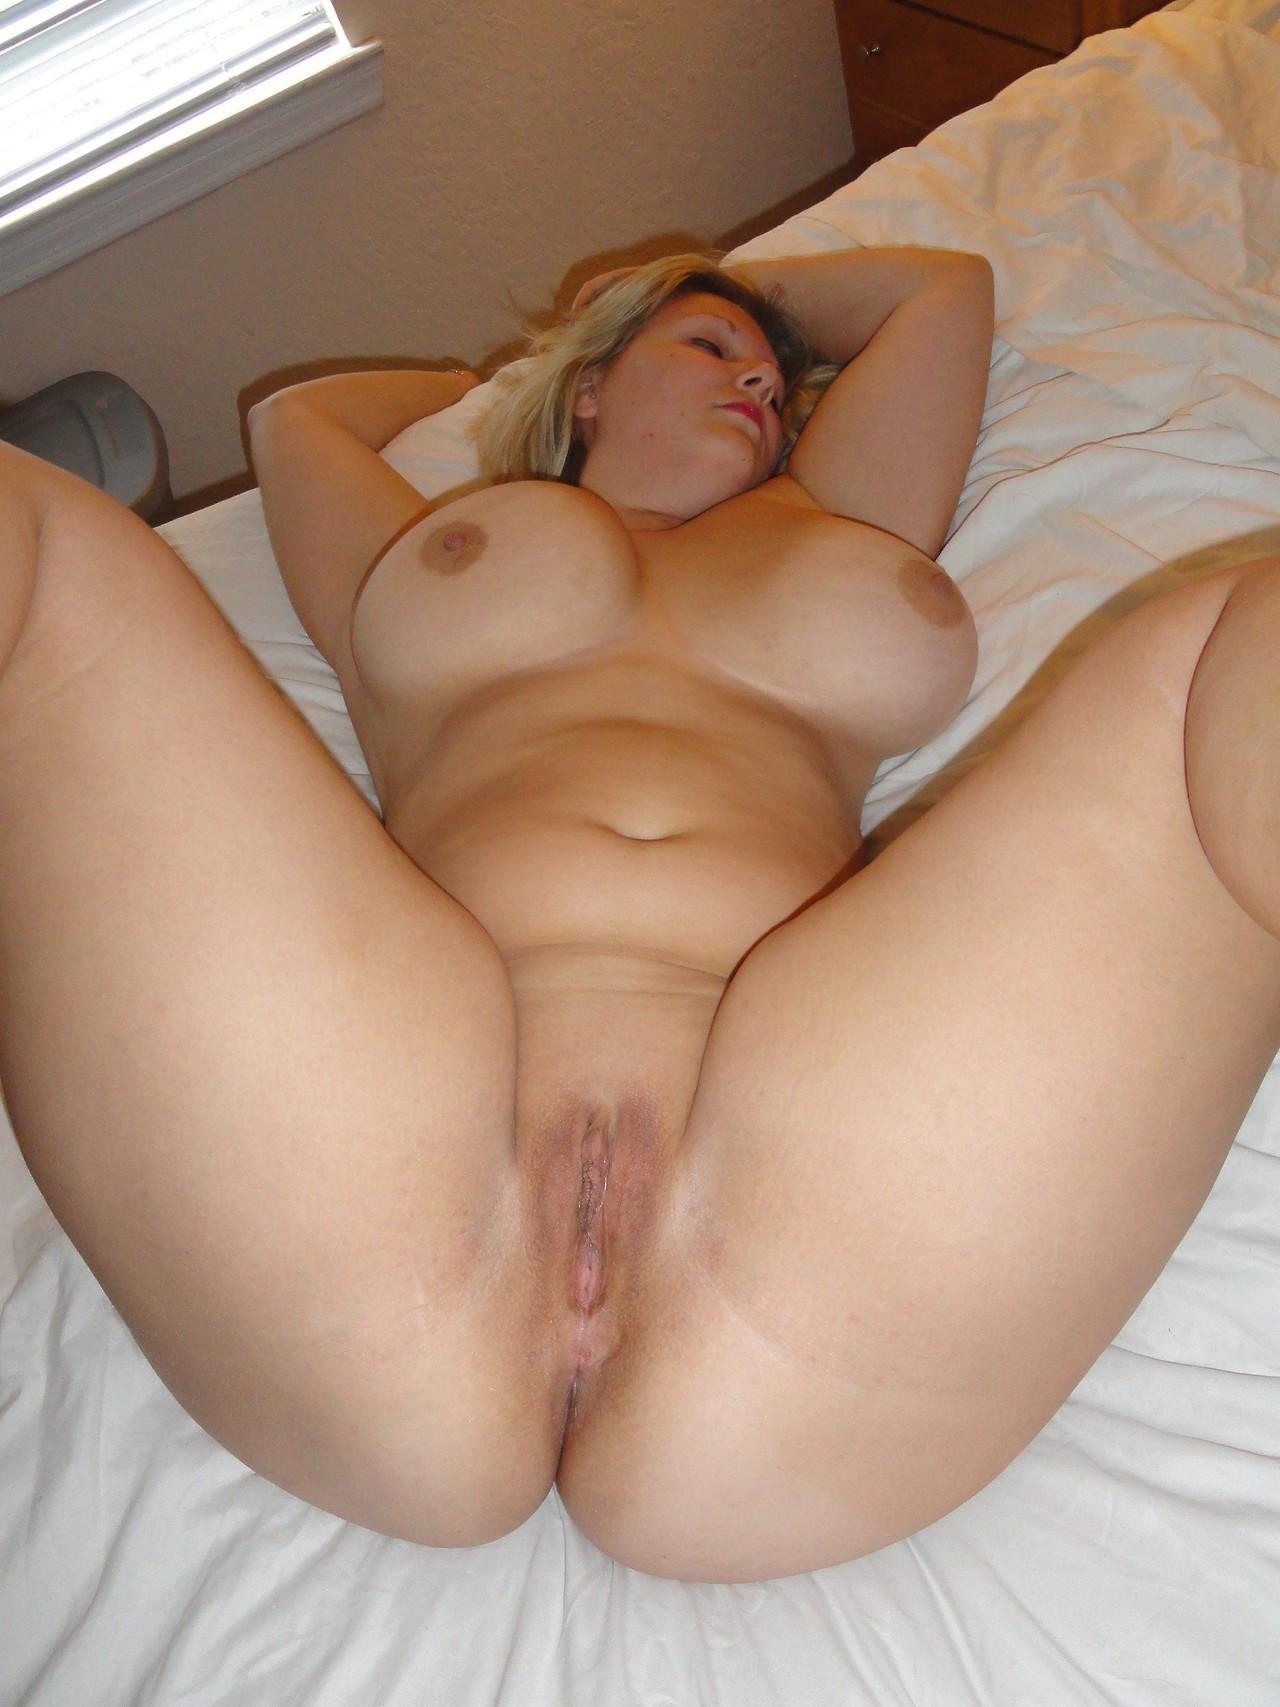 Порно красивыми пухлыми девушками крупно #15